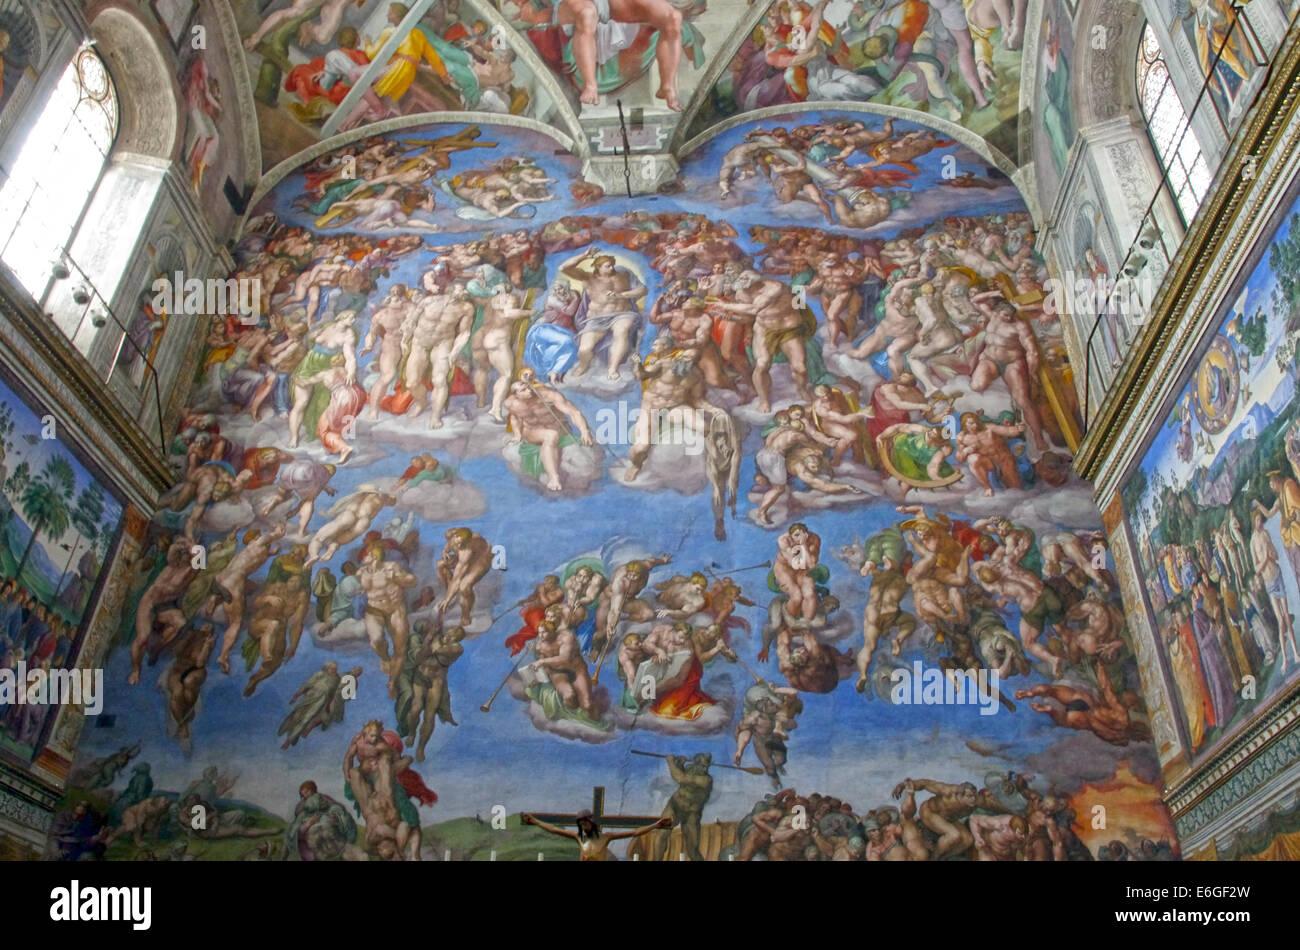 Le Jugement Dernier De Michel Ange Dans La Chapelle Sixtine A Rome